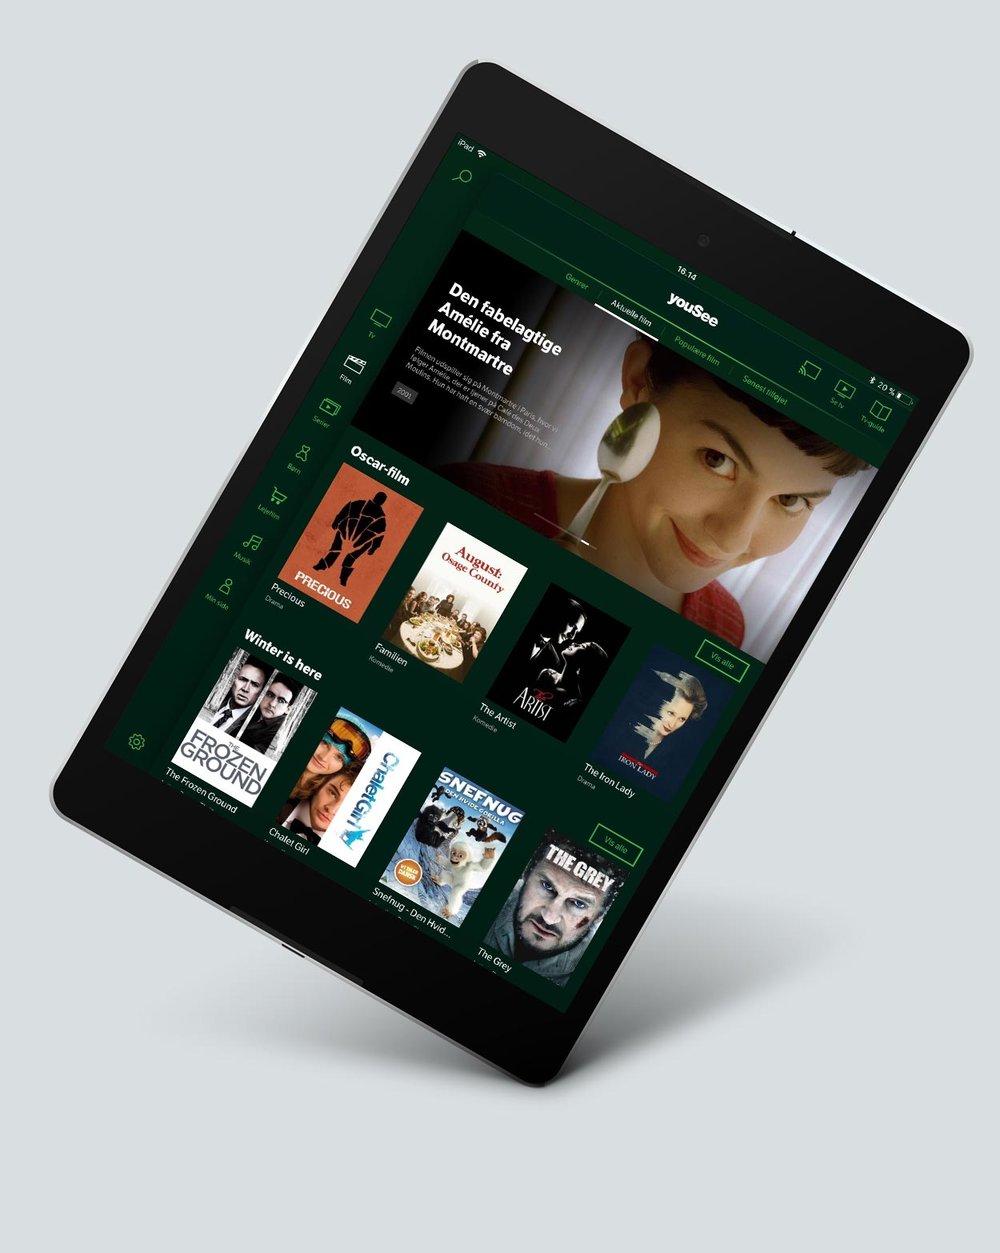 Yousee tv og film app